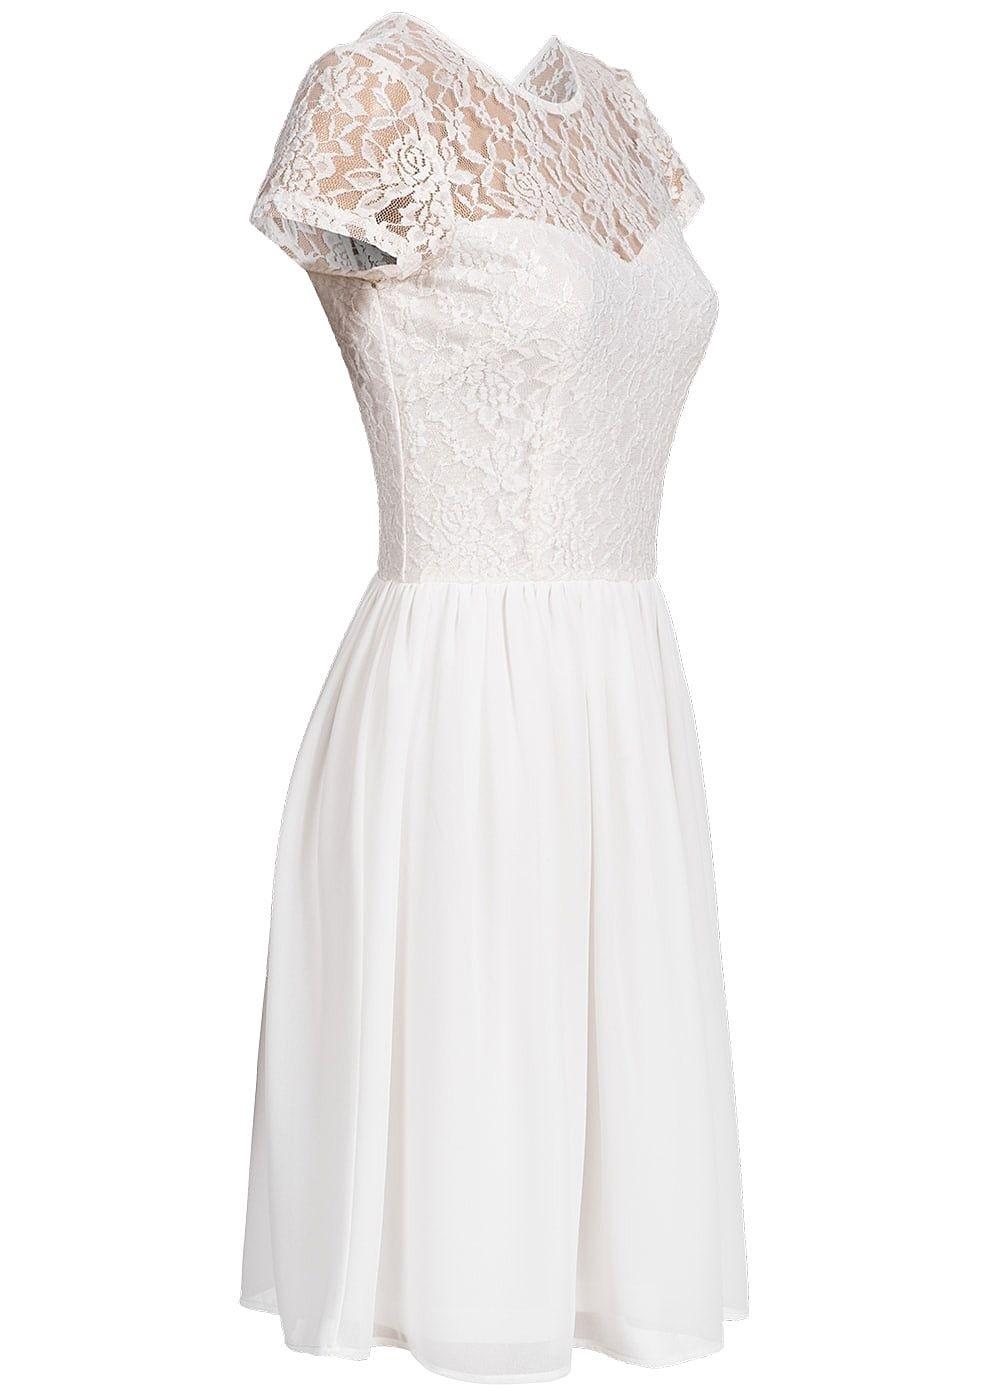 Abend Kreativ Kleid Weiß Glitzer SpezialgebietDesigner Genial Kleid Weiß Glitzer Spezialgebiet